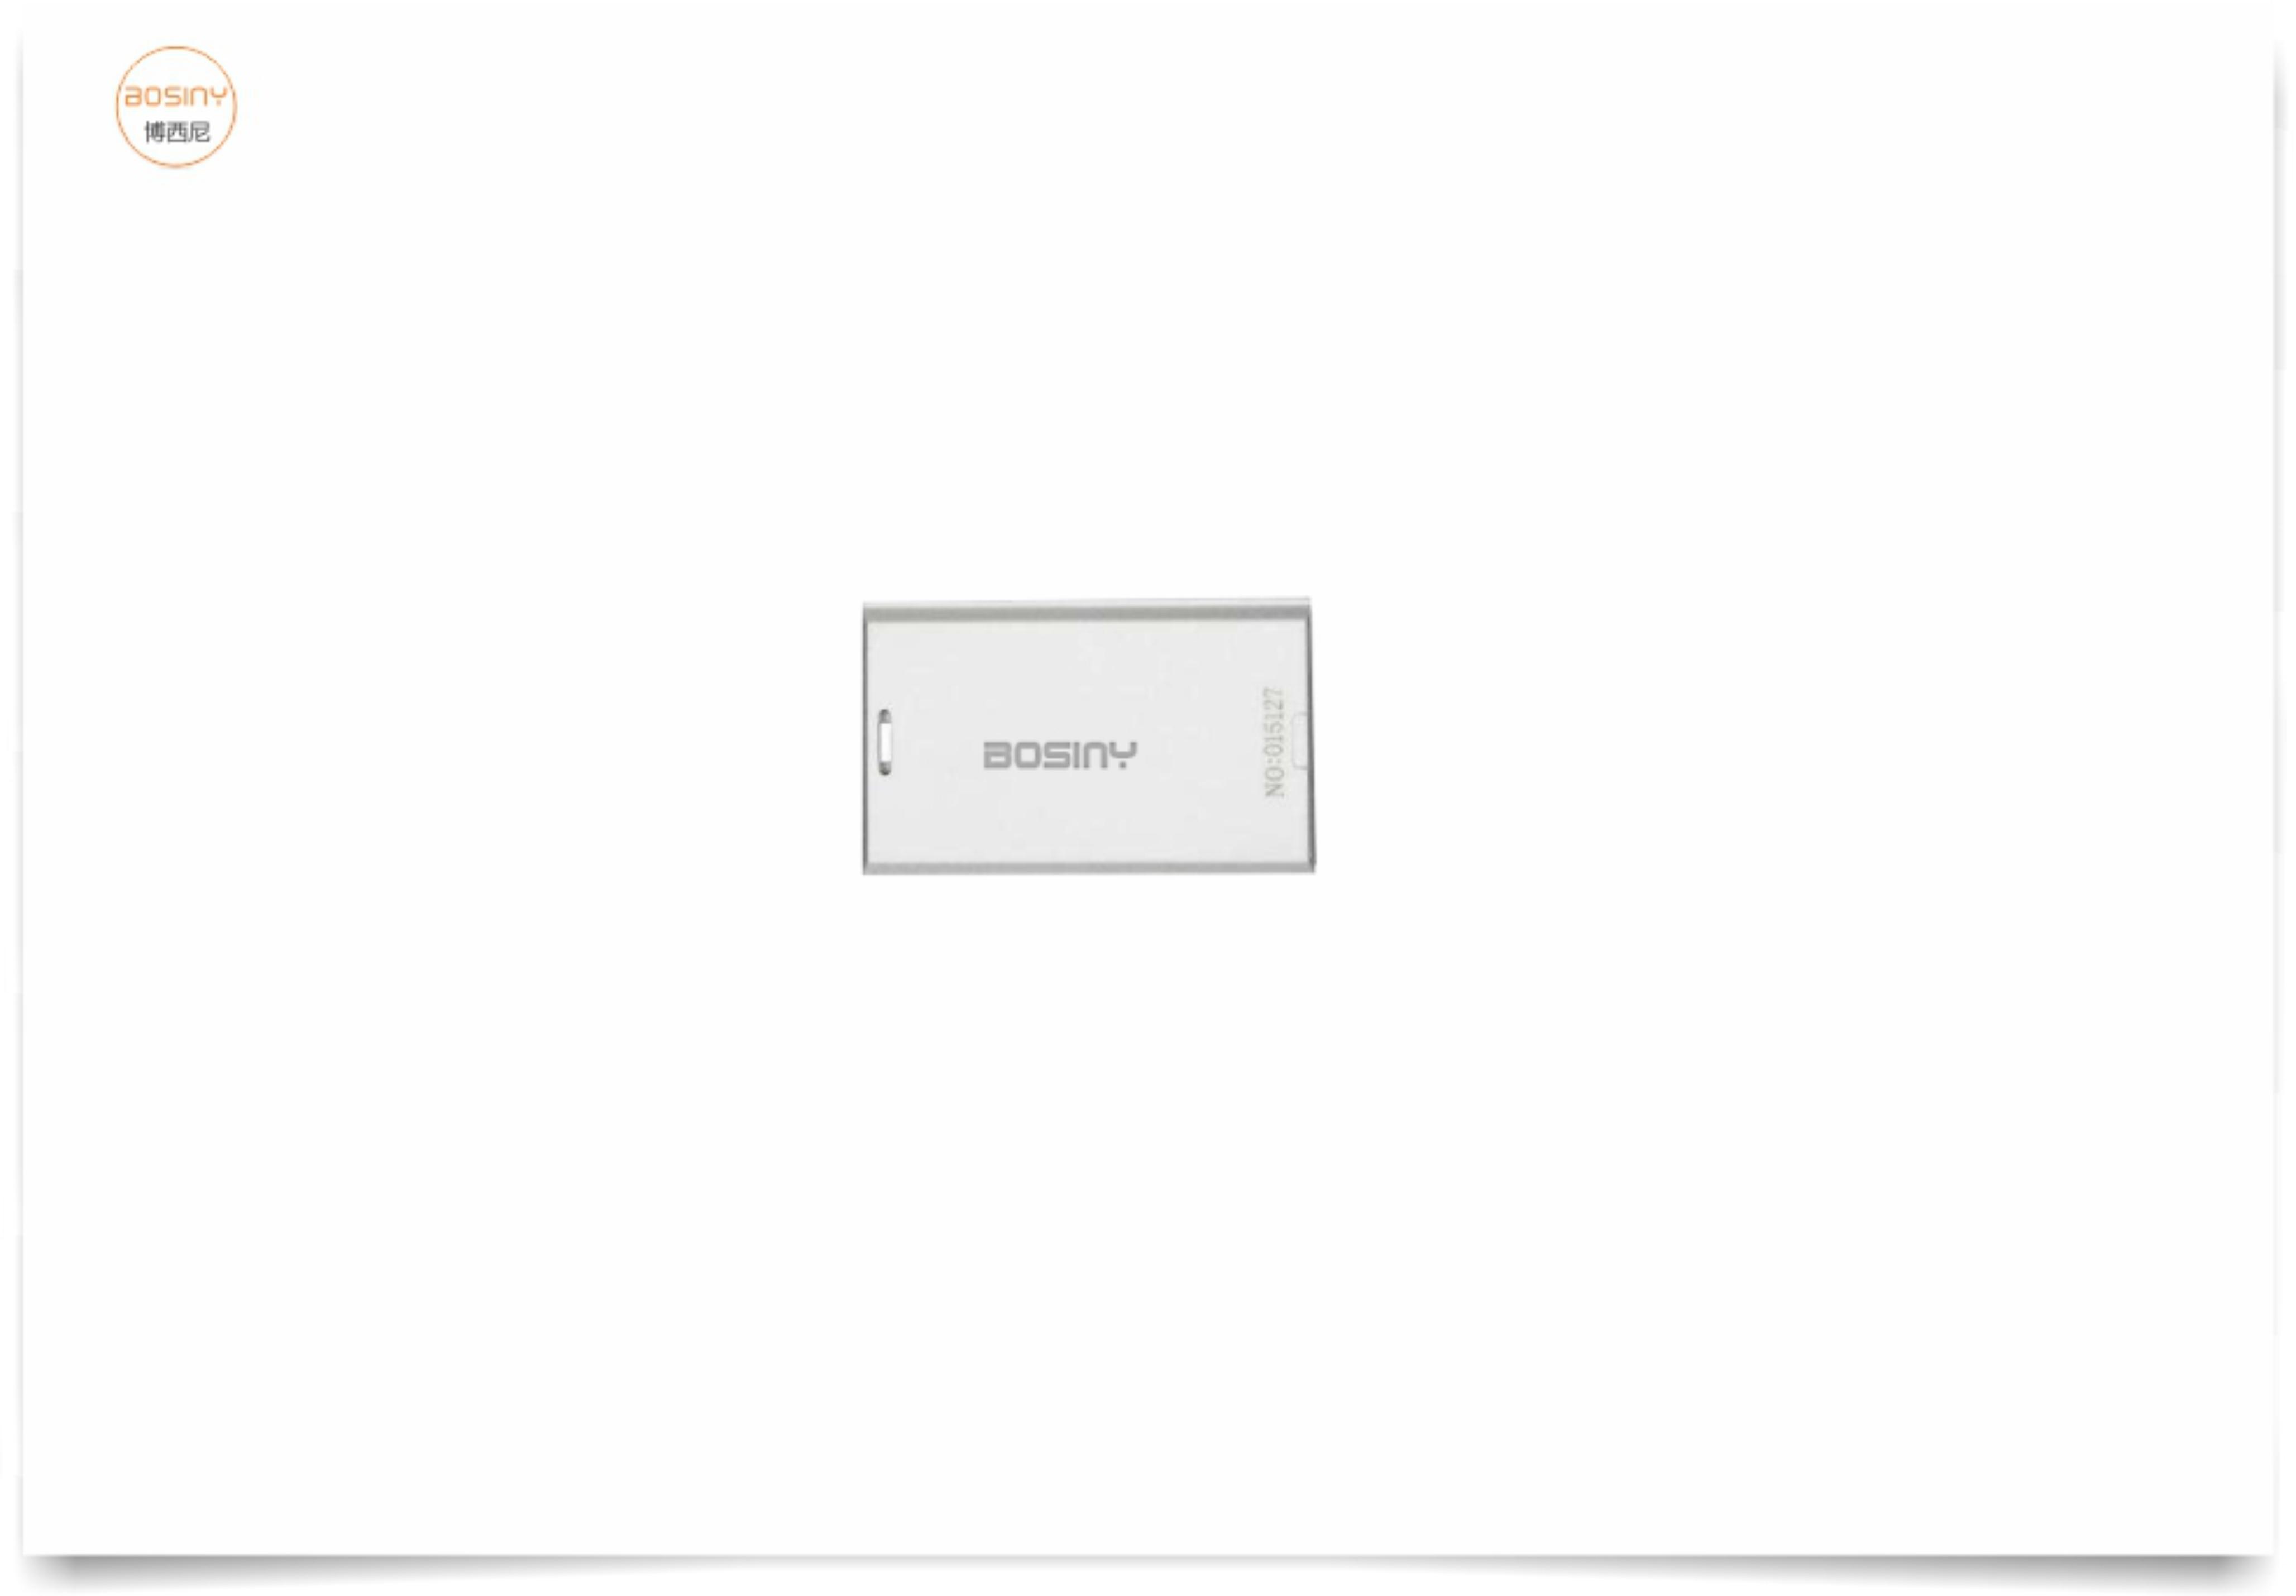 定位标签-卡片型